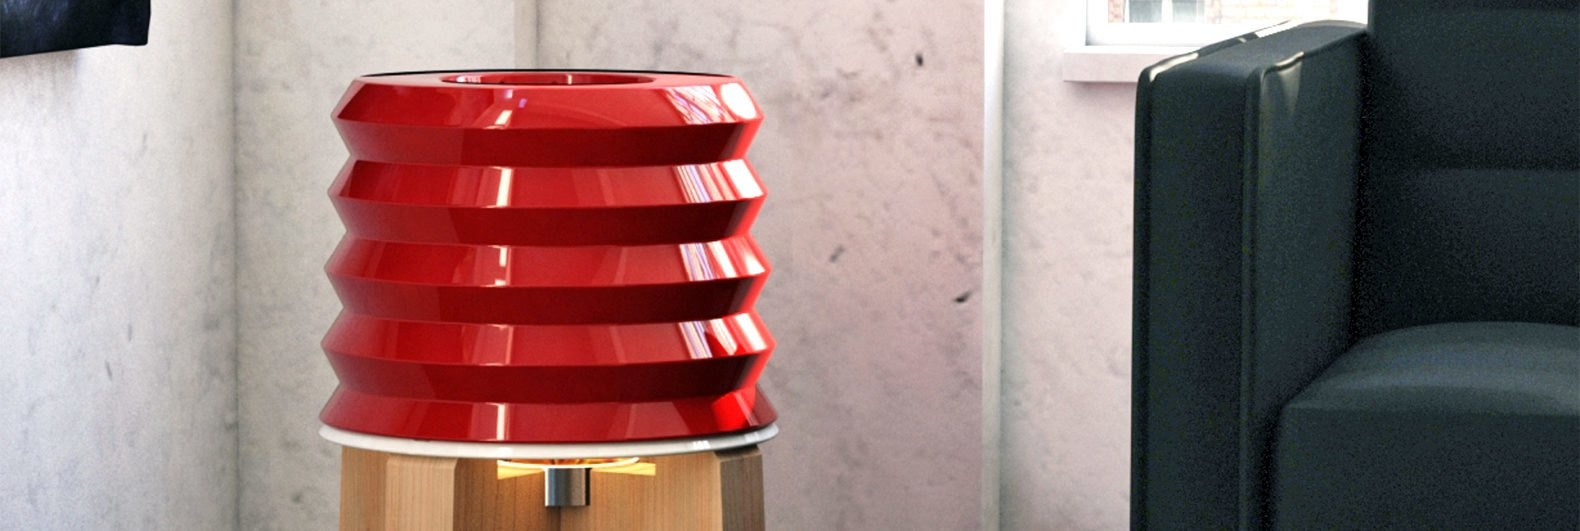 ceramic-heater-estudio-aco-1580x531_01